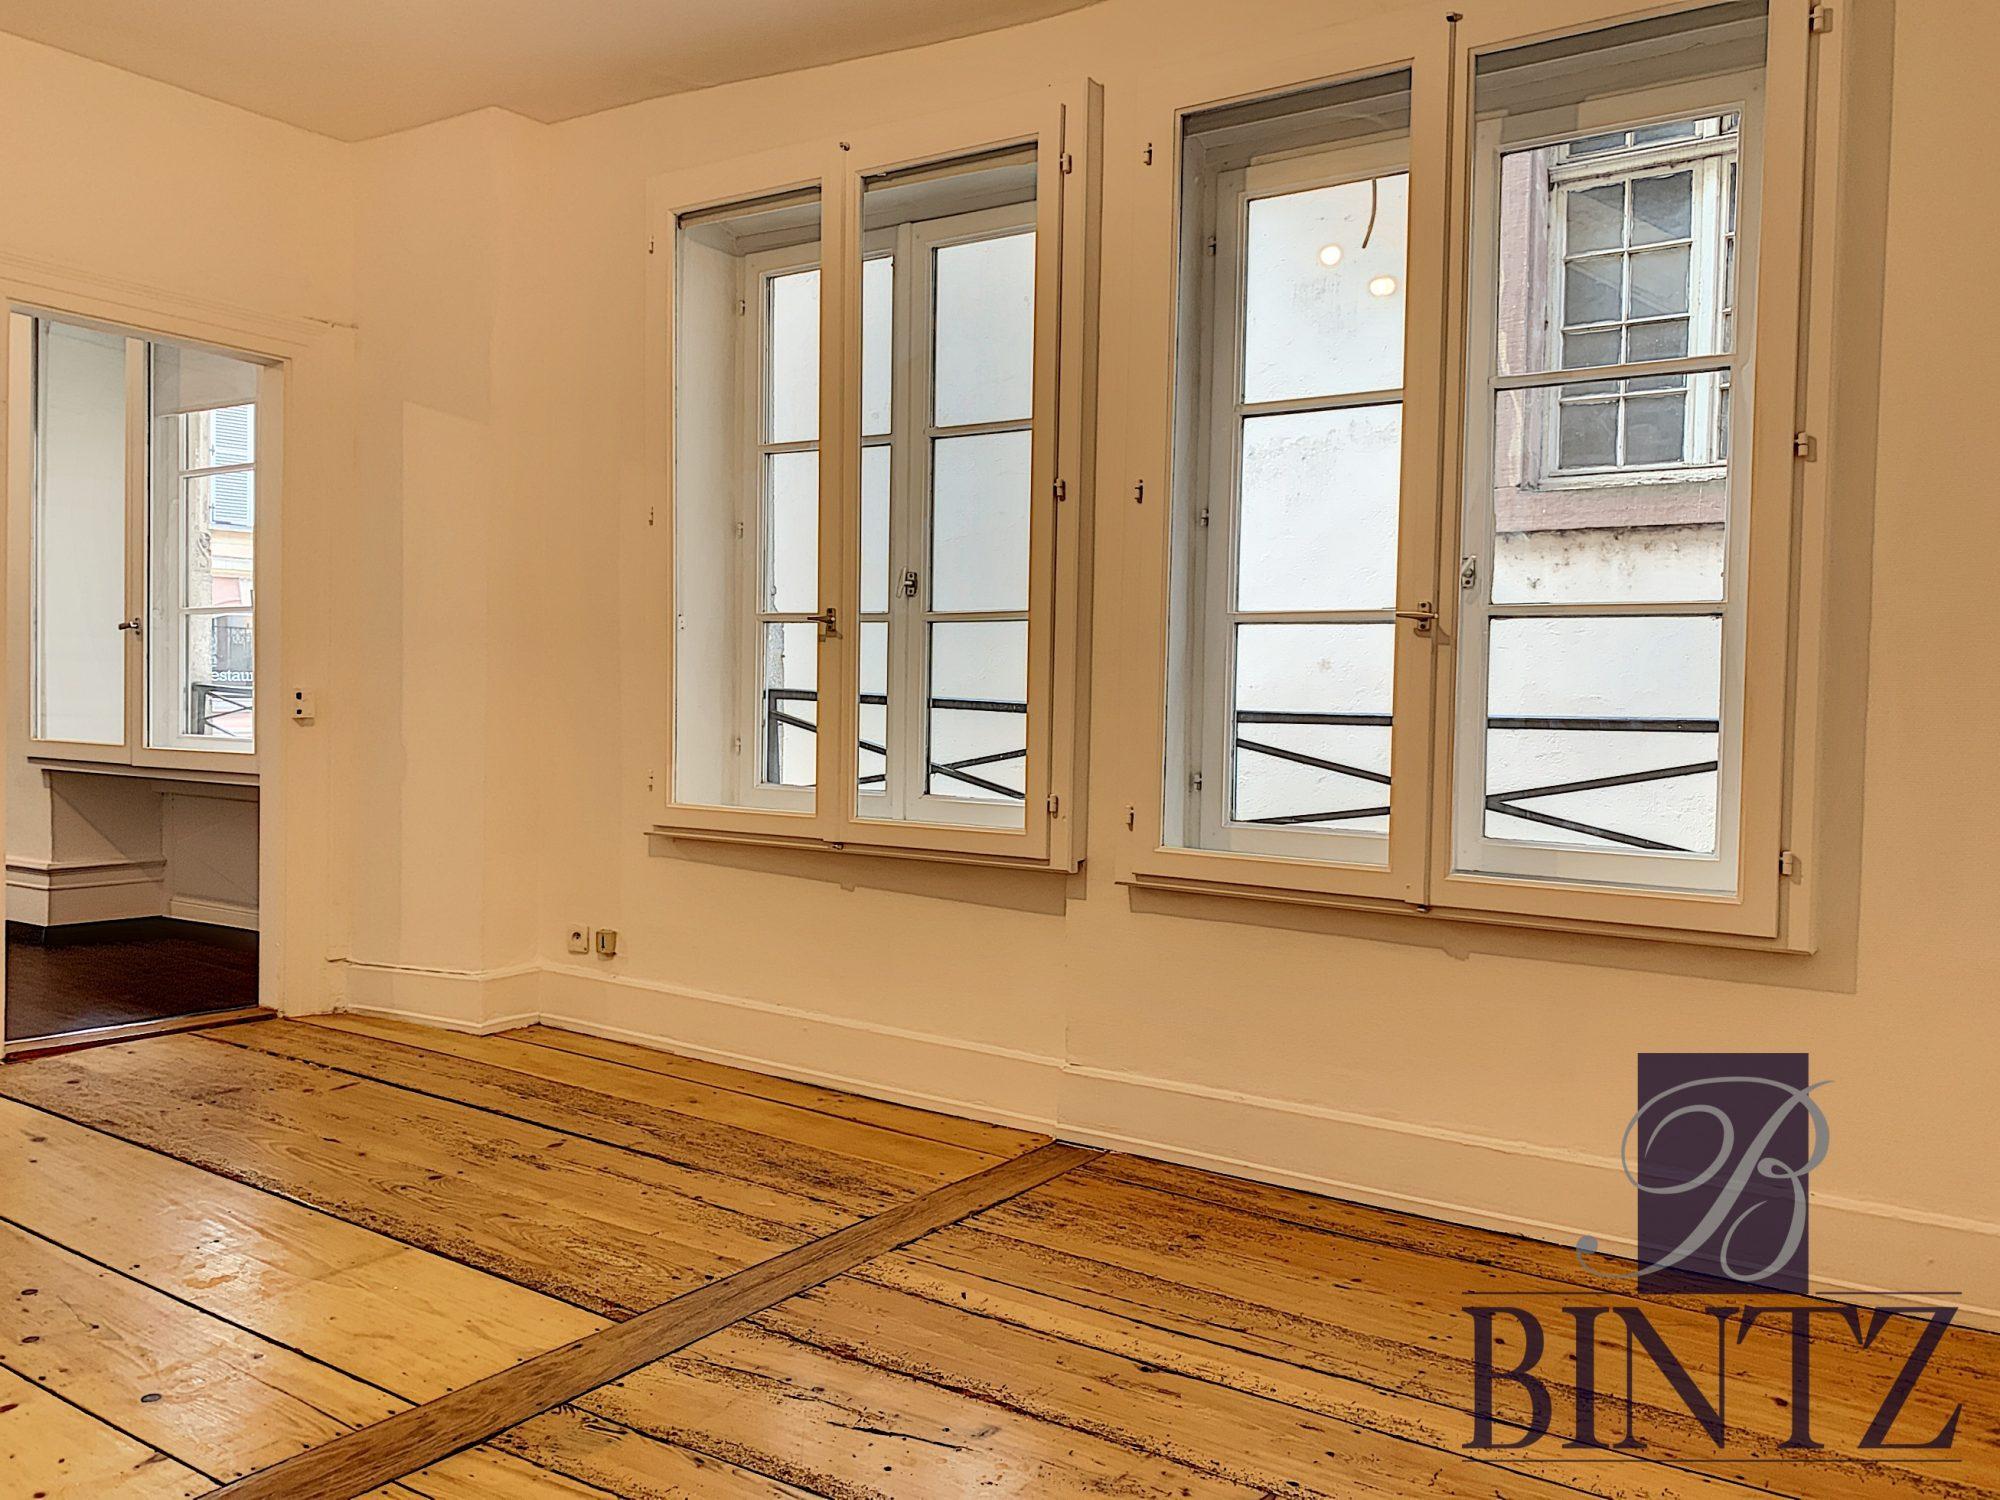 4 PIÈCES FACE A LA CATHÉDRALE - Devenez locataire en toute sérénité - Bintz Immobilier - 14